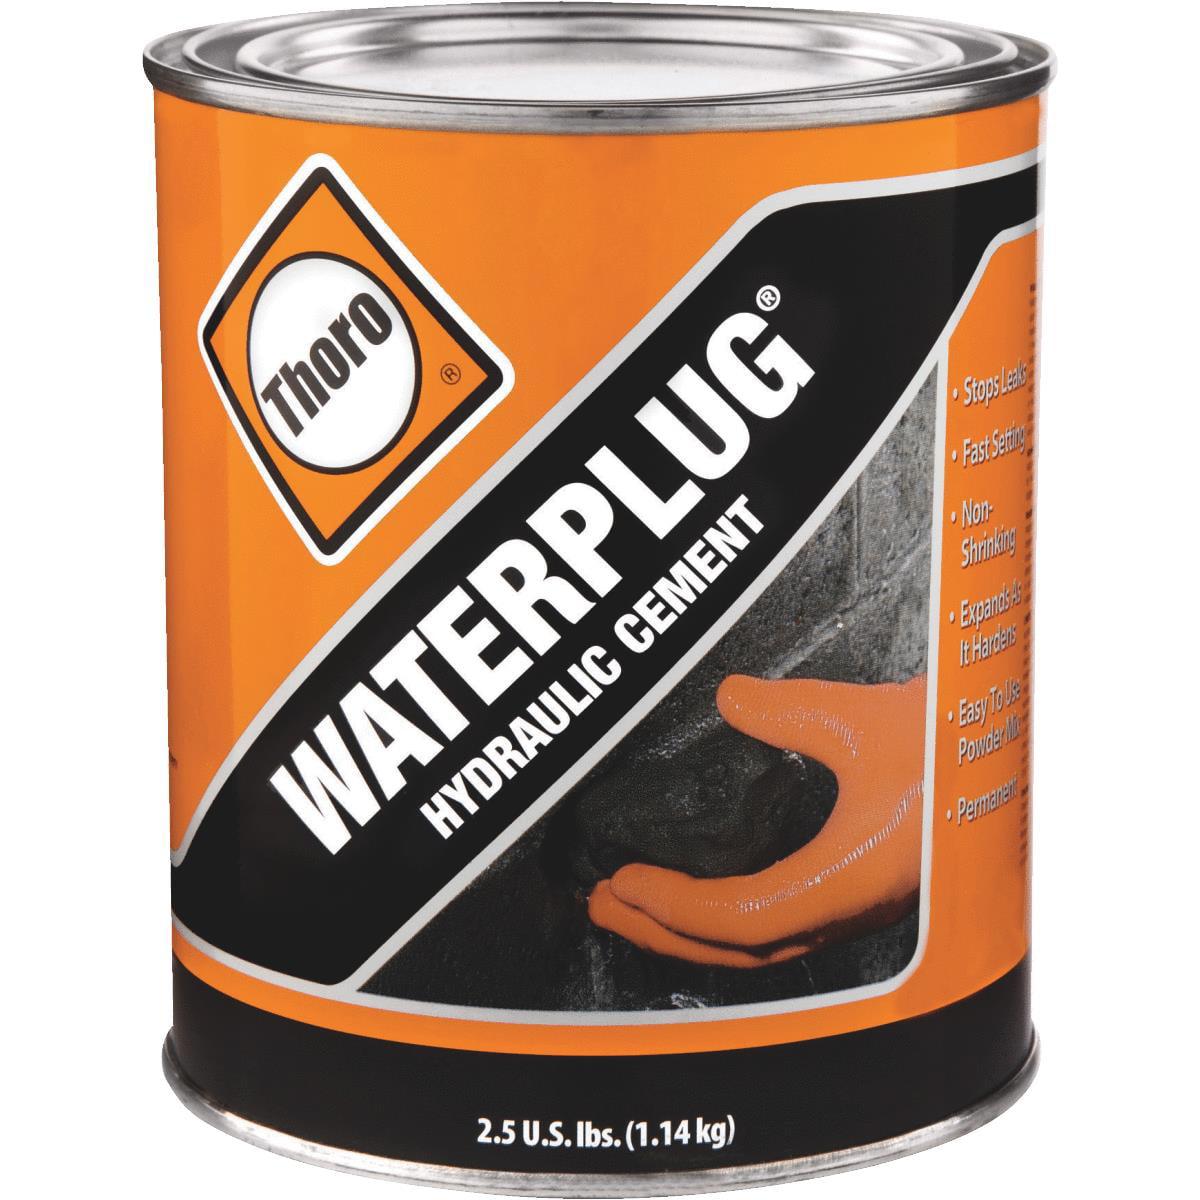 Waterplug Hydraulic Cement